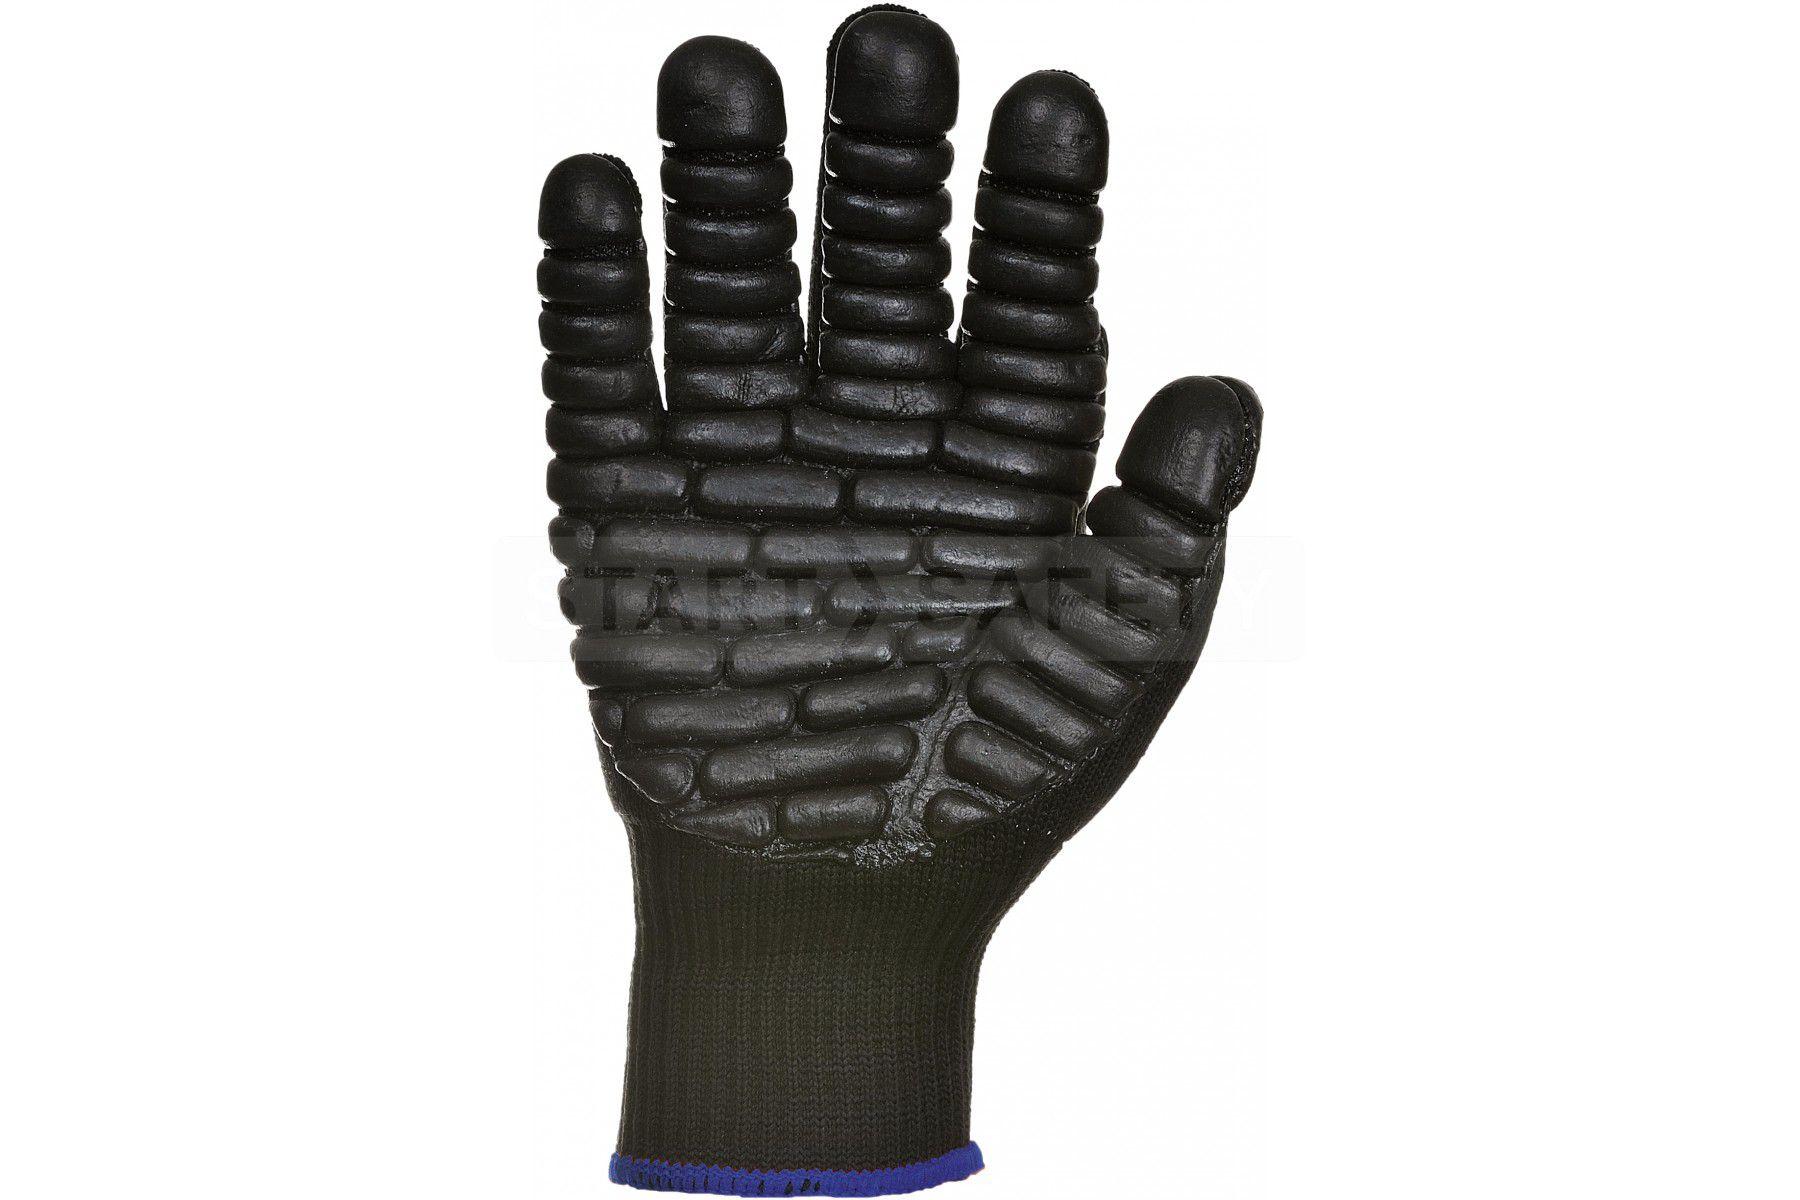 Black hammer gloves - Anti Vibration Gloves